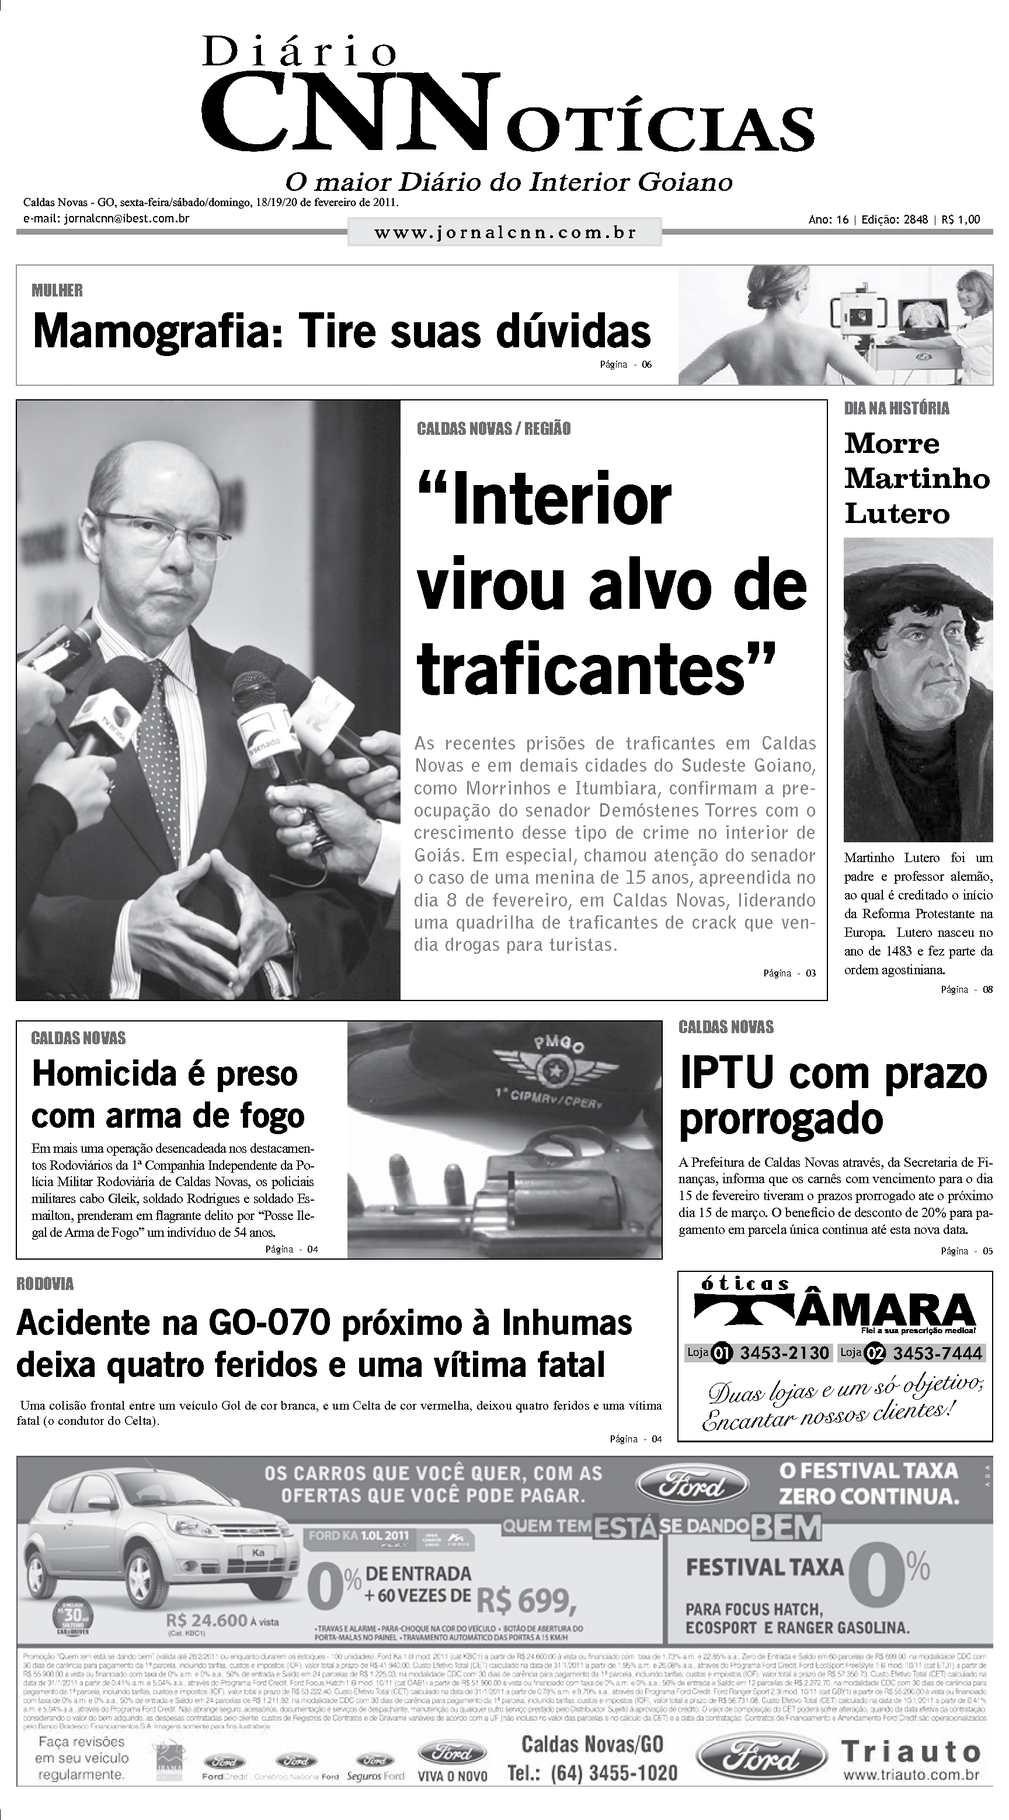 Calaméo - Jornal CNNoticias 18 fevereiro de 2011 16233bdbd010d